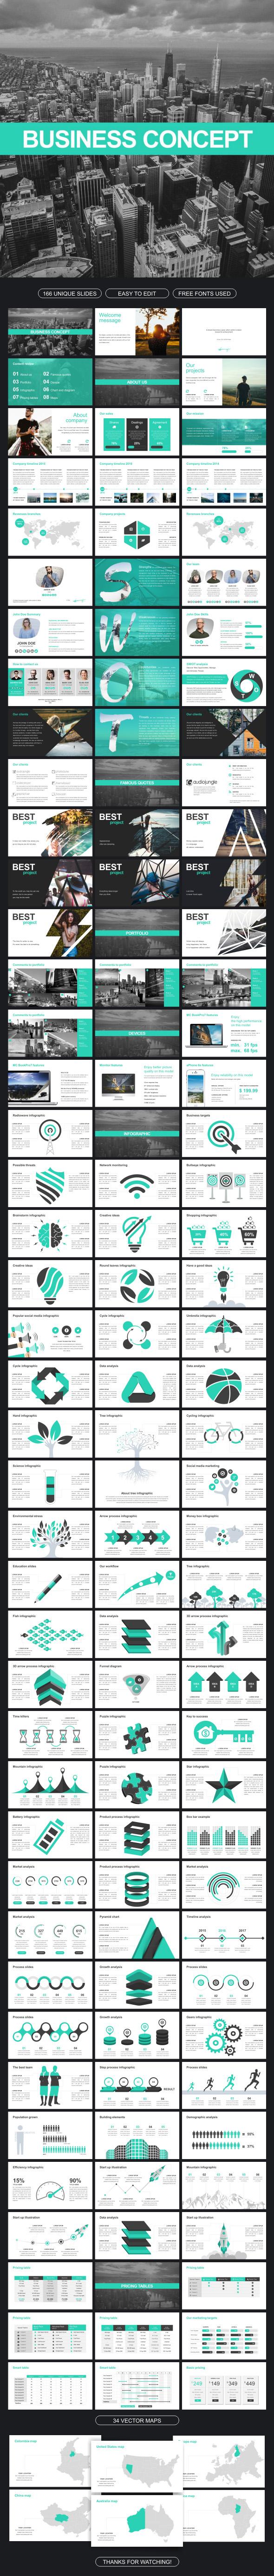 Business Concept Google Slides - Google Slides Presentation Templates